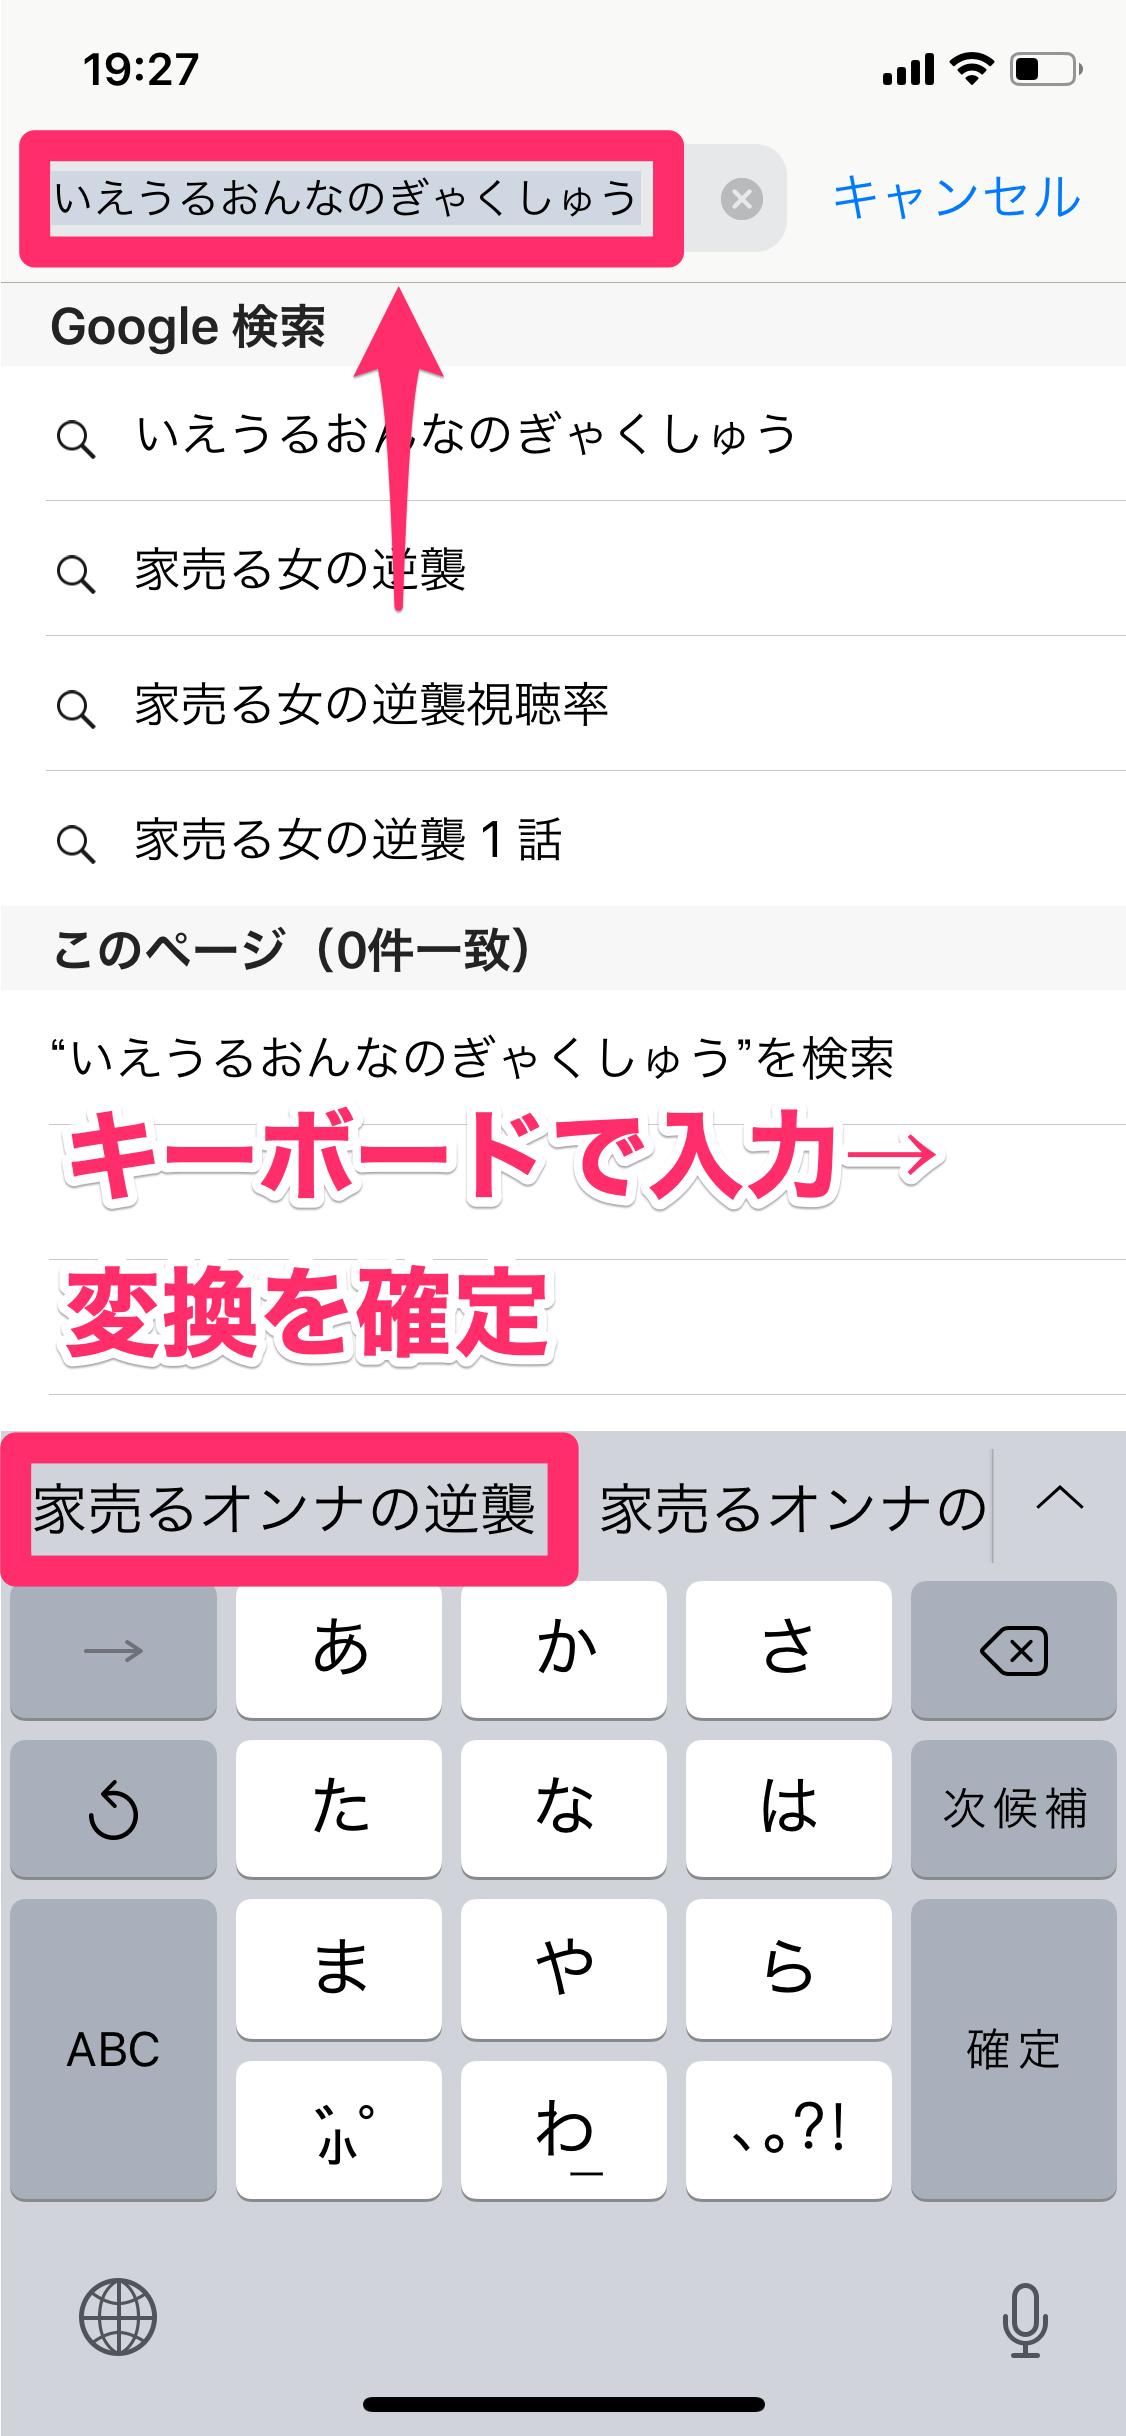 「それ入力したんだ...」と思われたくない! iPhoneのキーボード変換候補を削除する方法